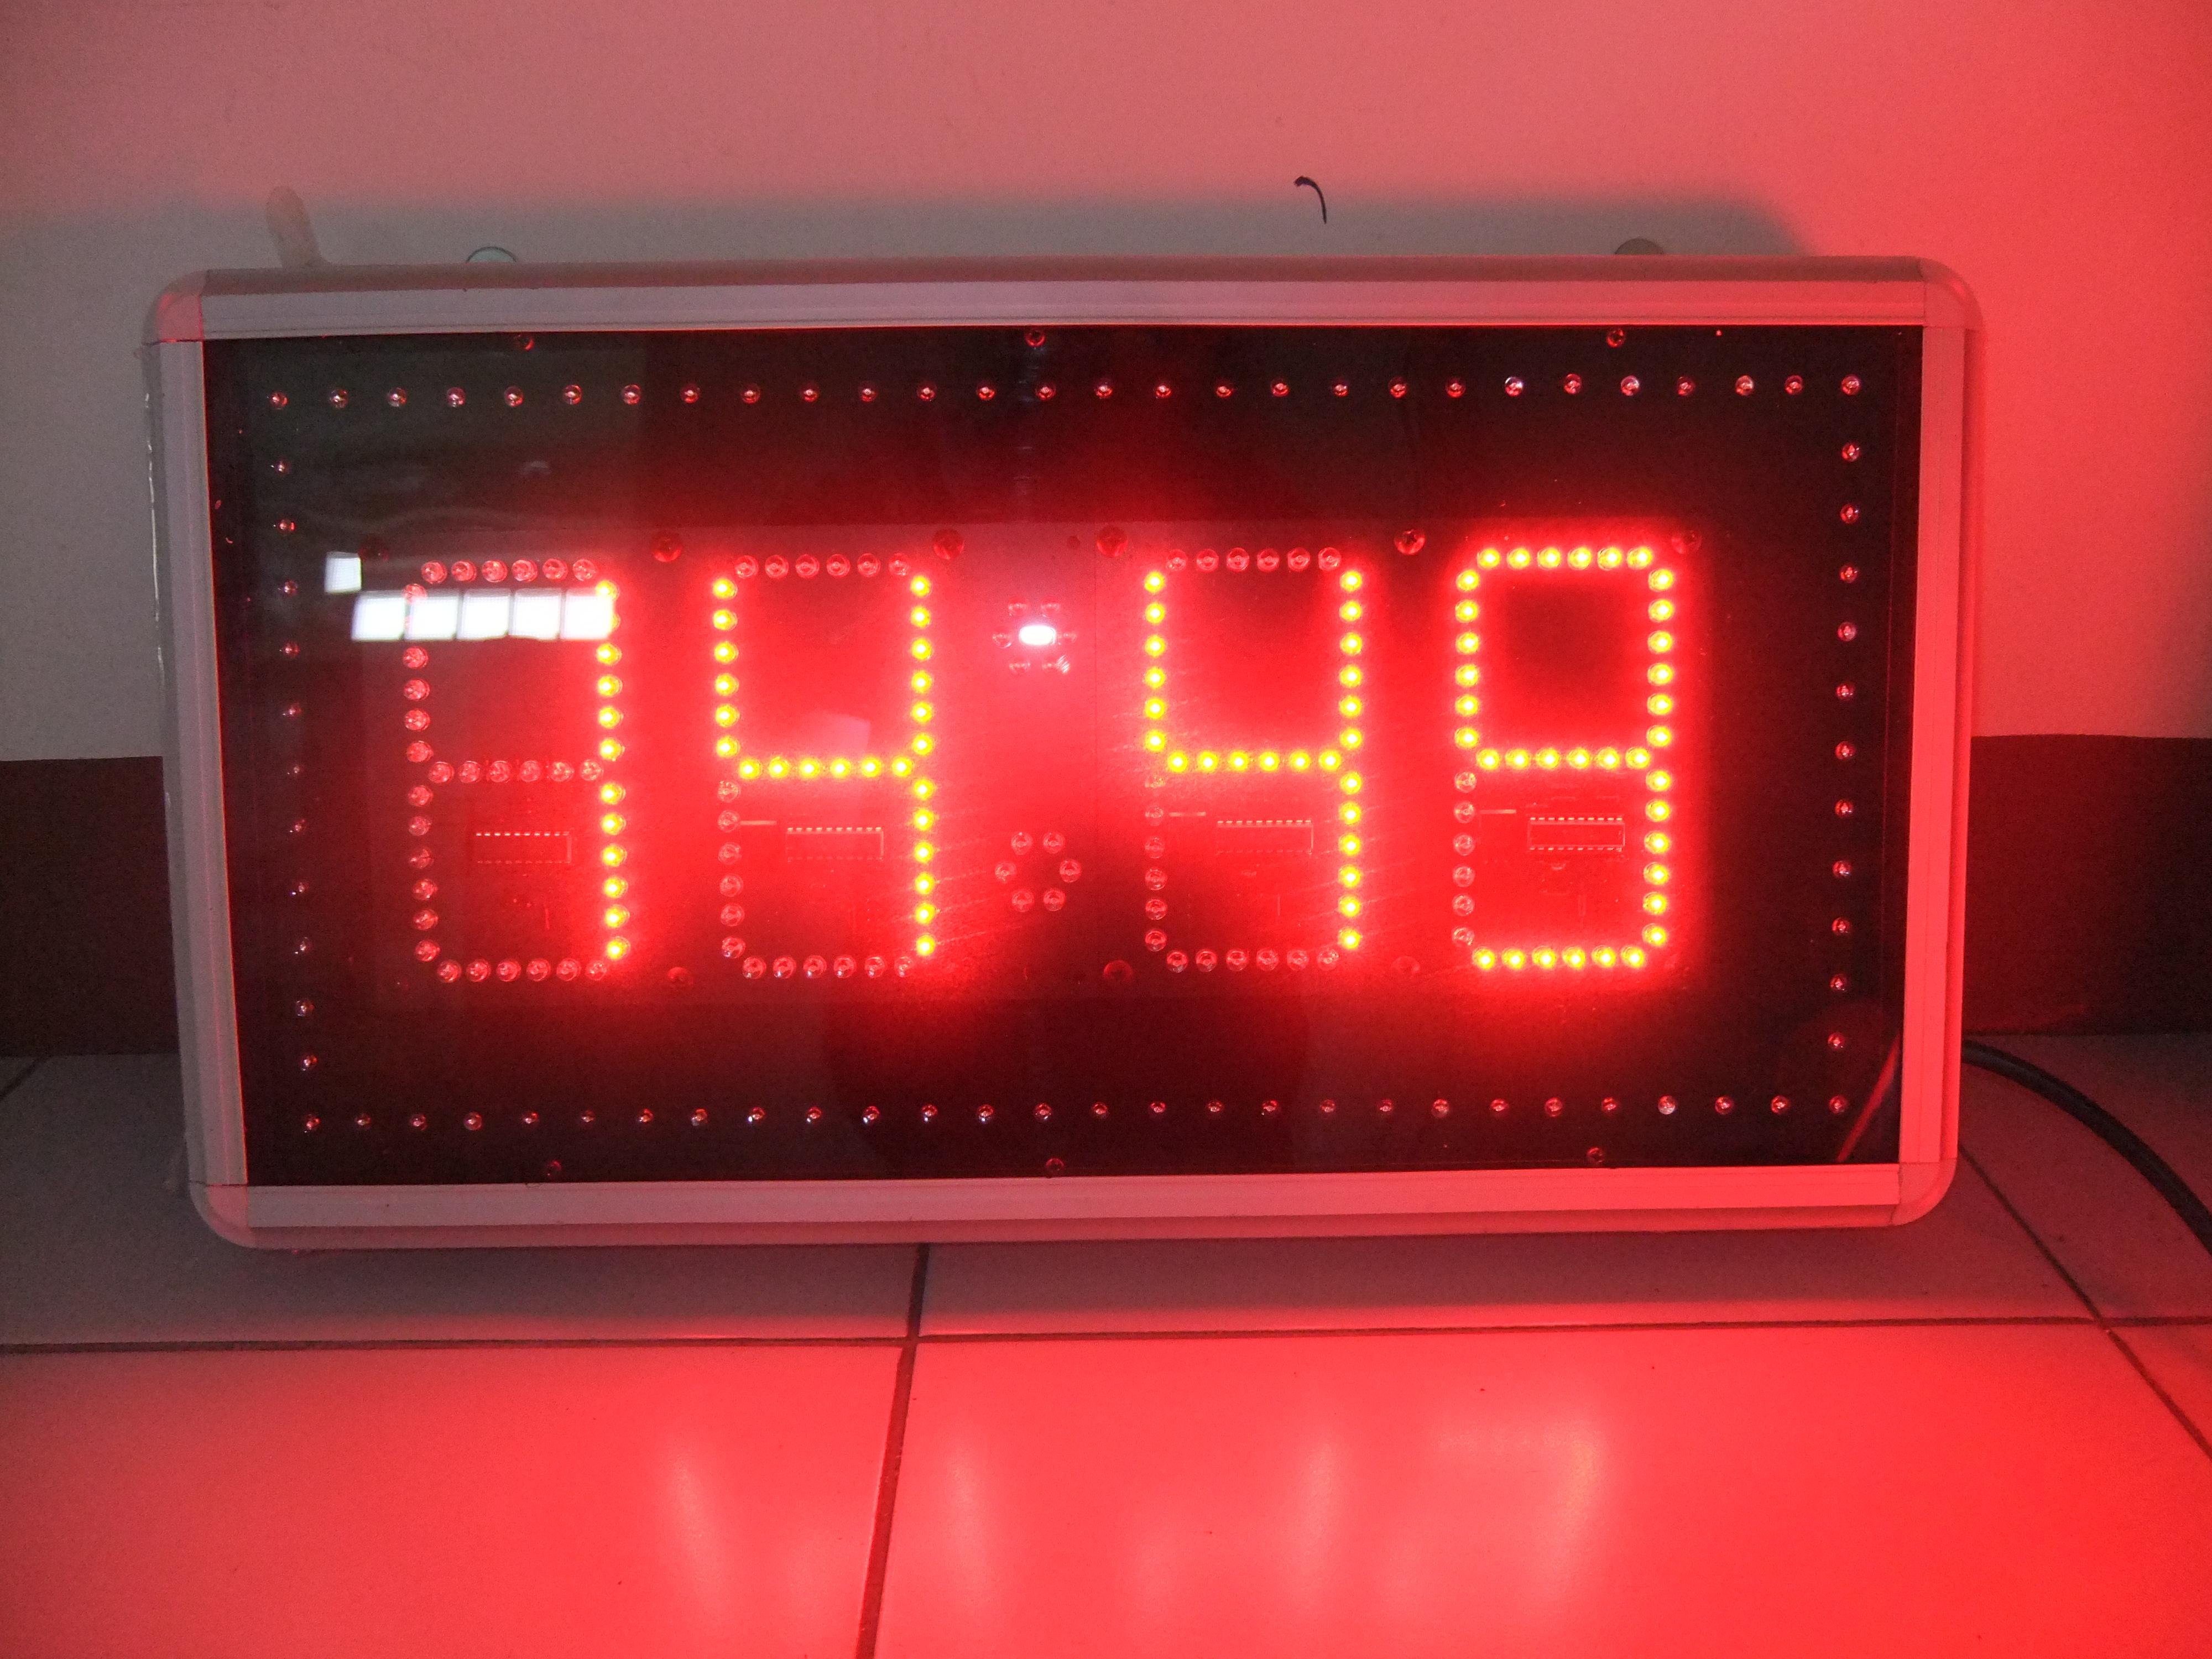 นาฬิกาดิจิตอลLED 5นิ้ว 4หลัก